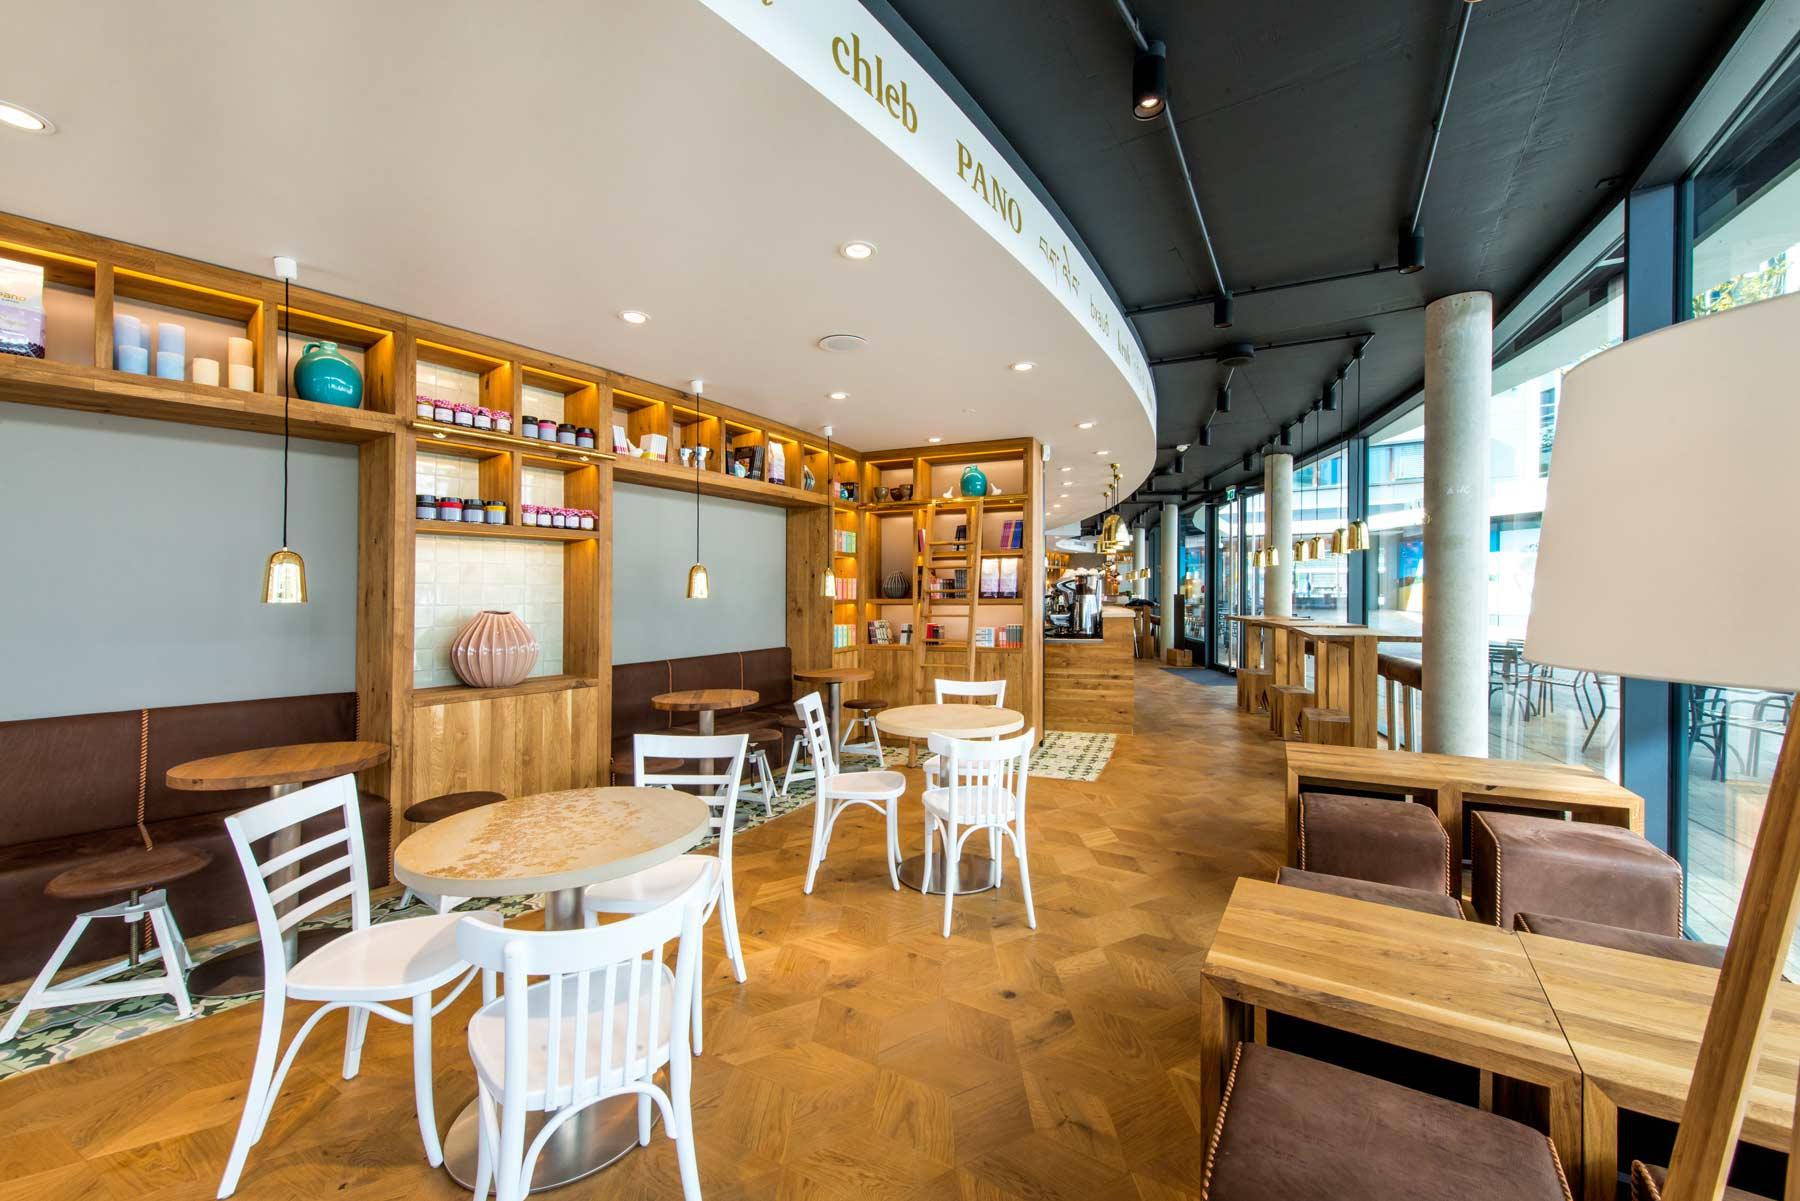 Pano Café Montabaur